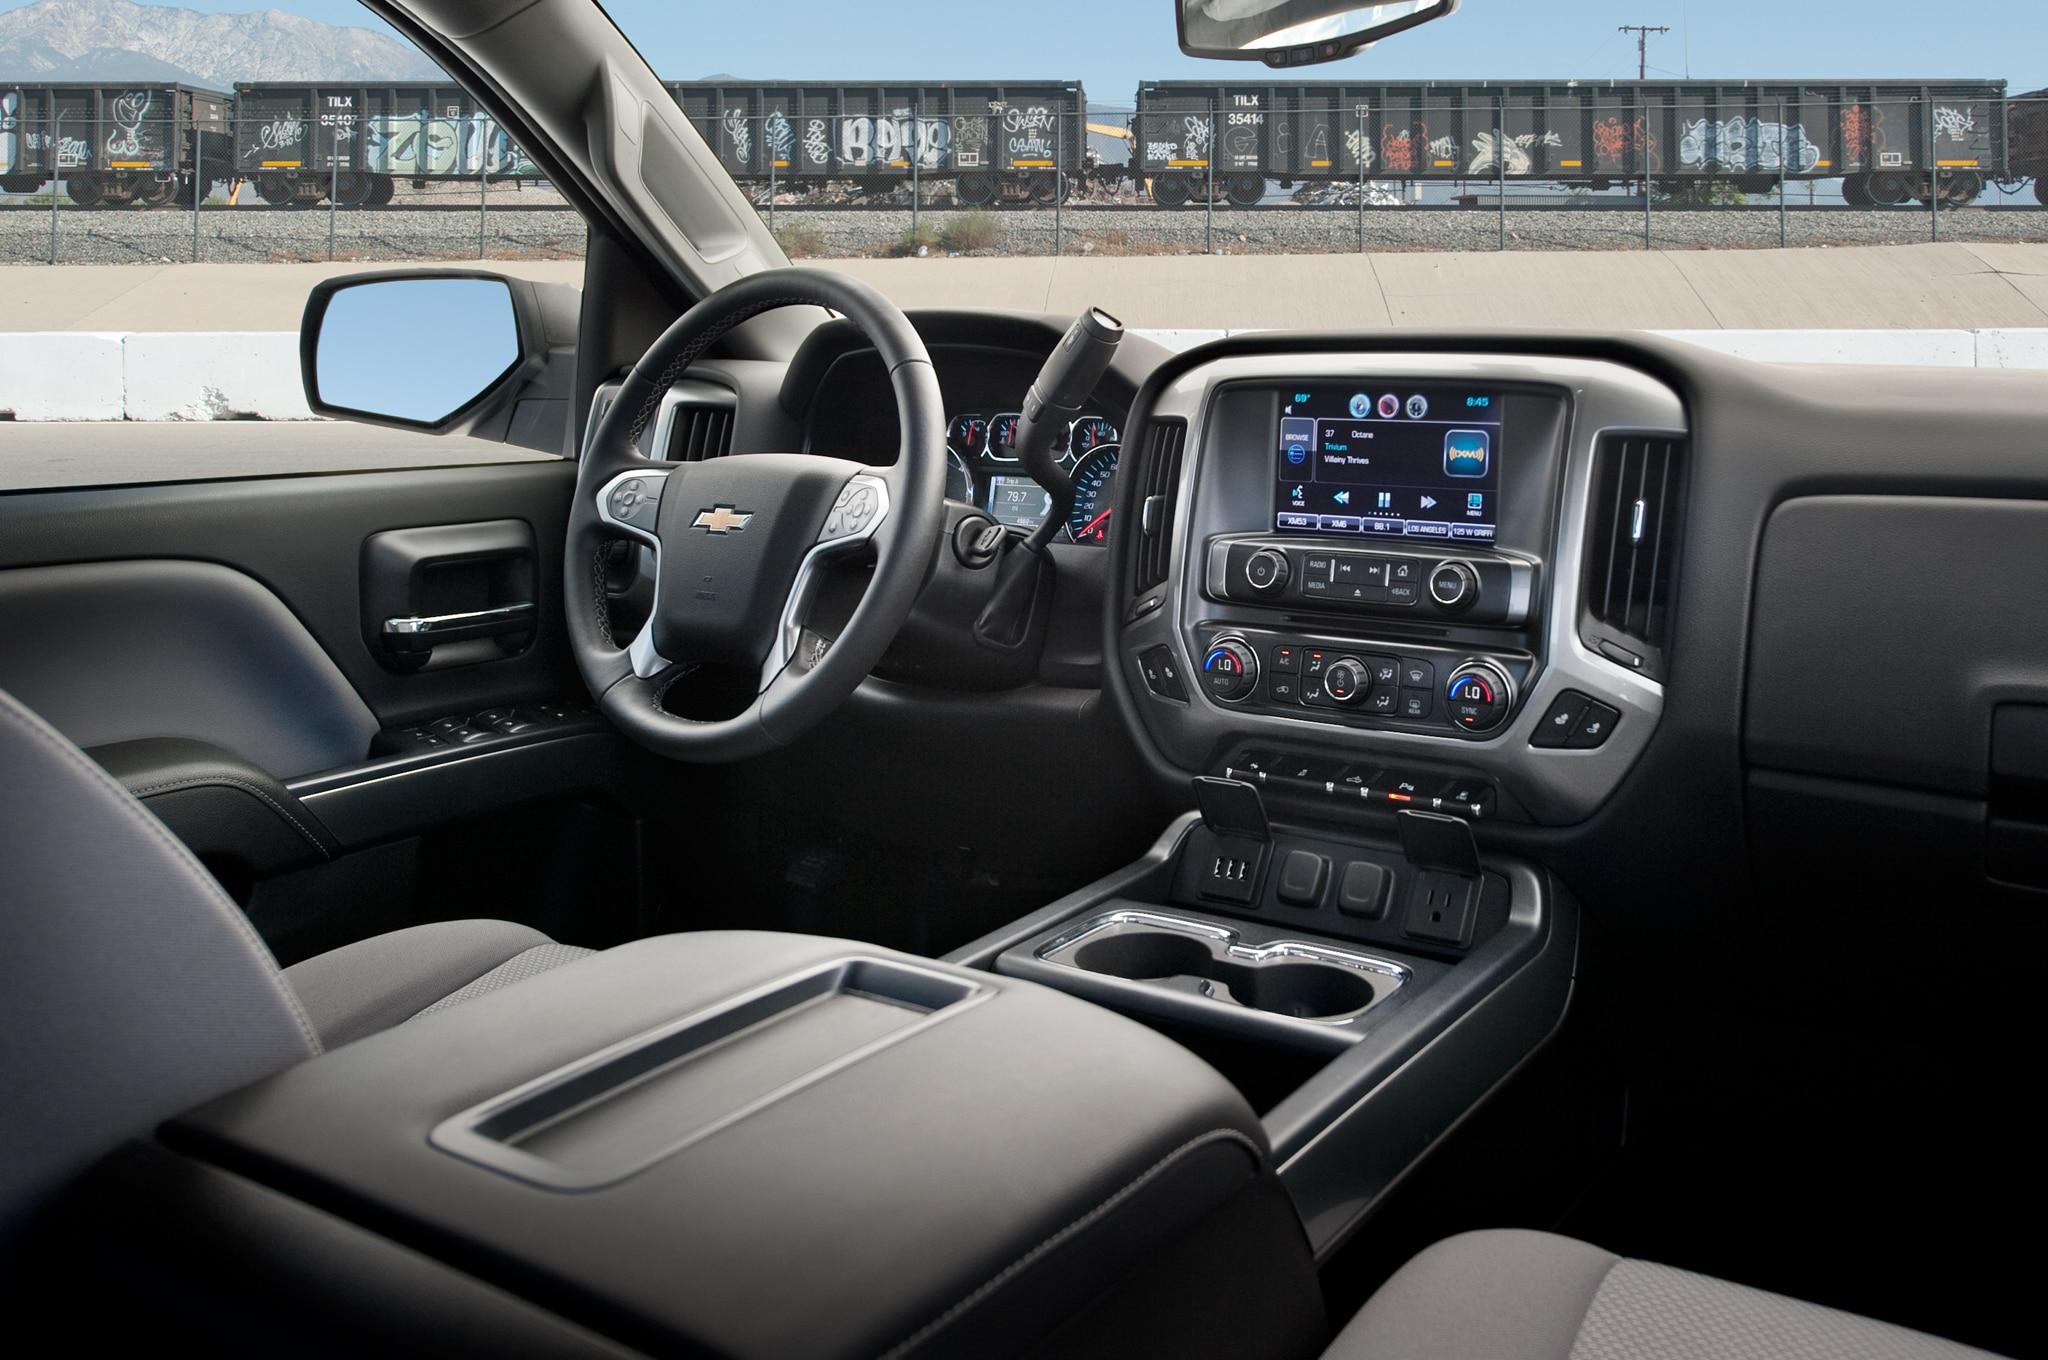 Chevrolet Silverado 2500hd Duramax Y 2500hd Vortec 2015